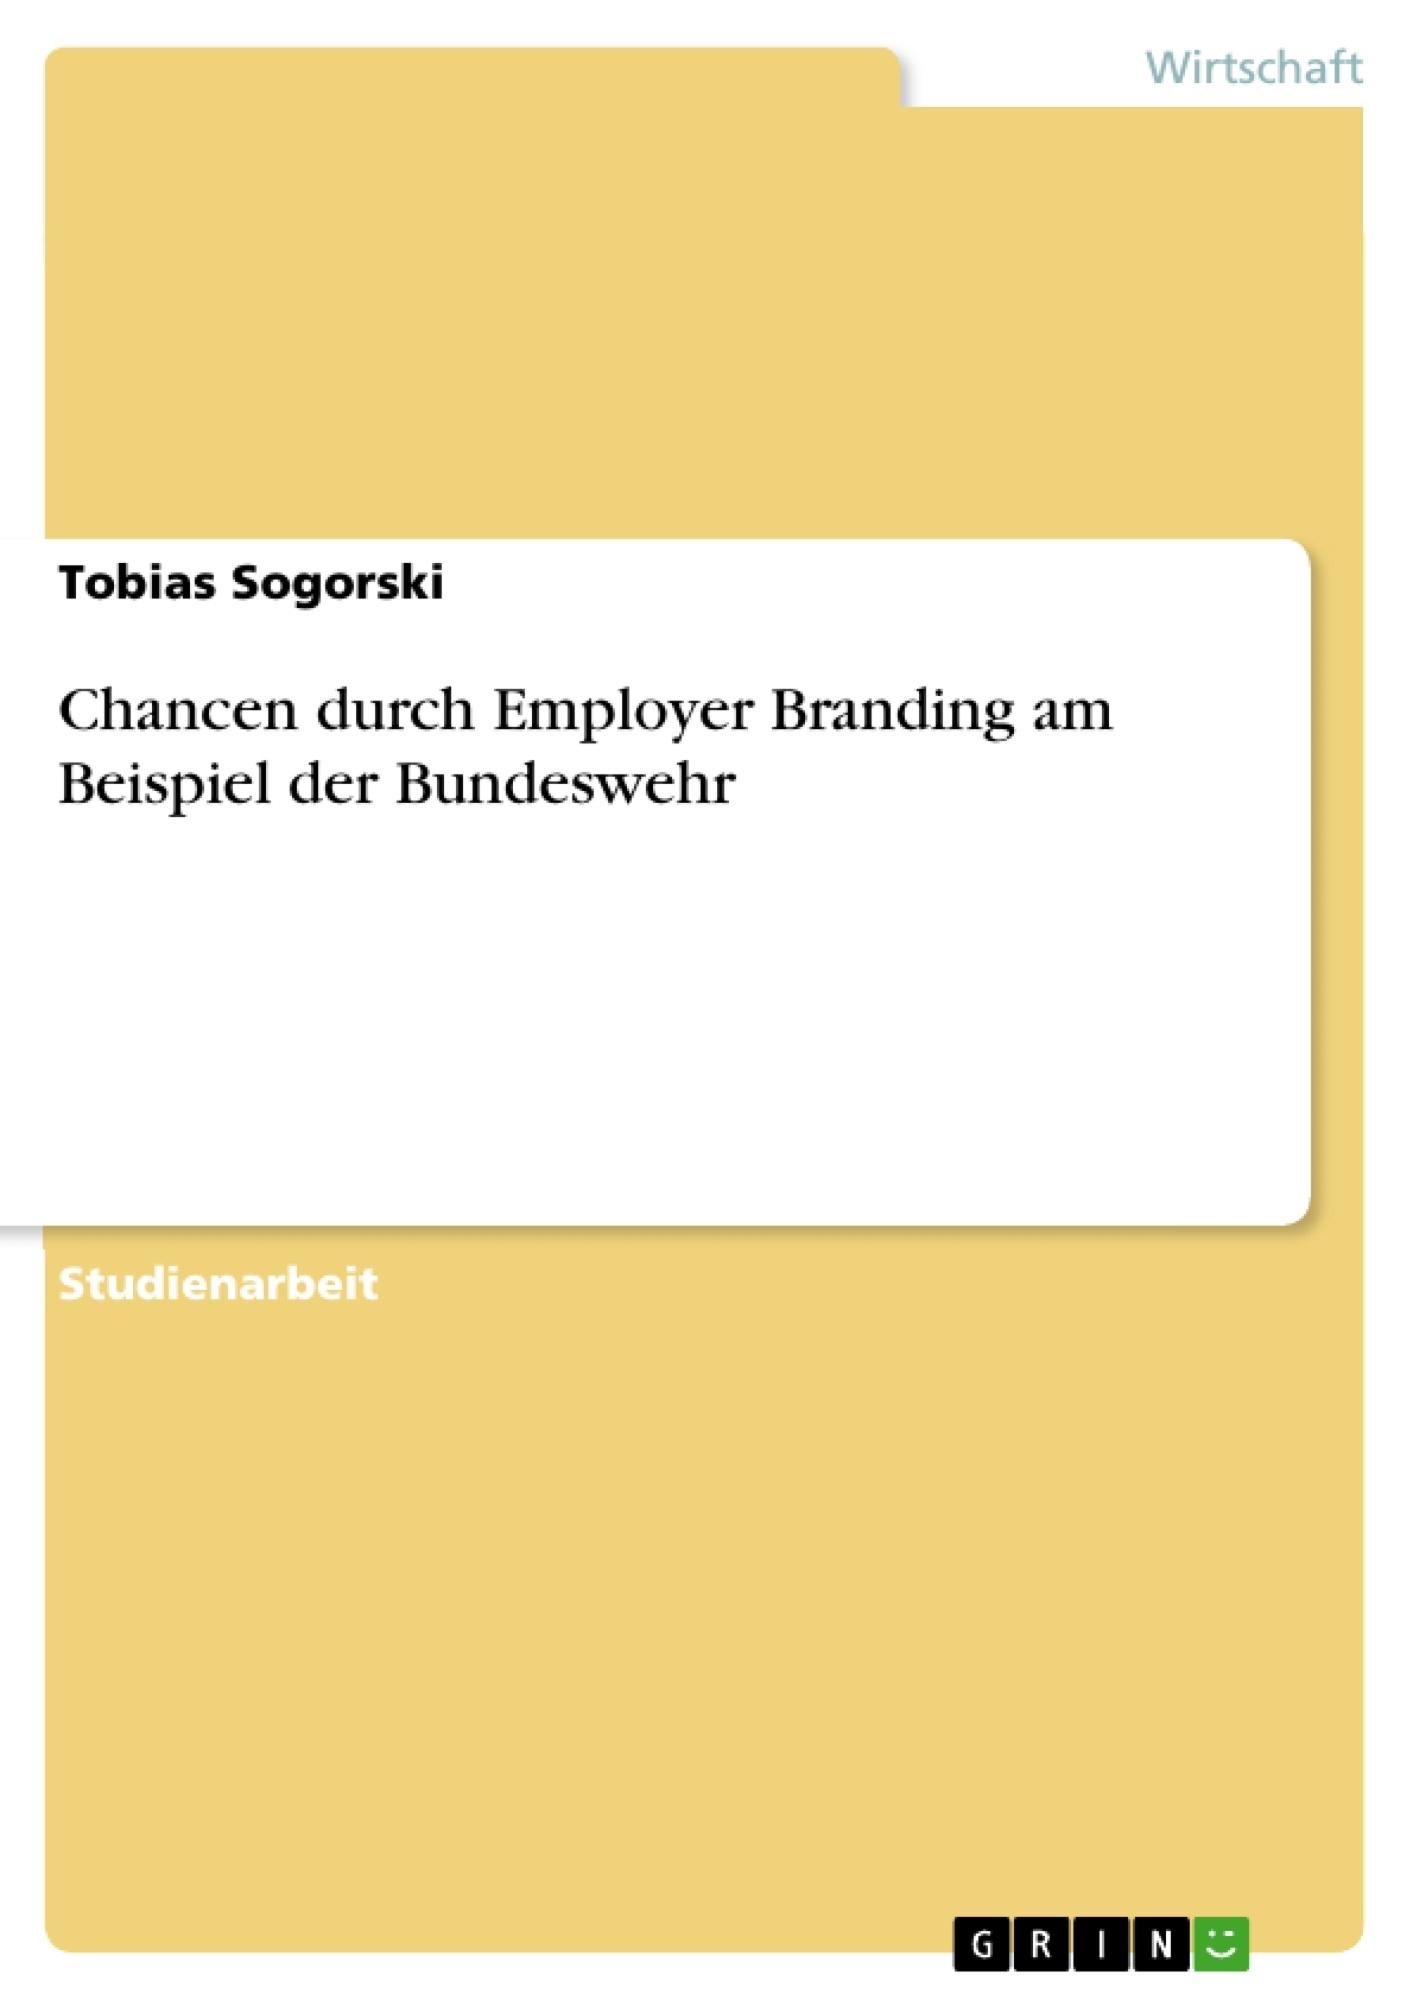 Titel: Chancen durch Employer Branding am Beispiel der Bundeswehr